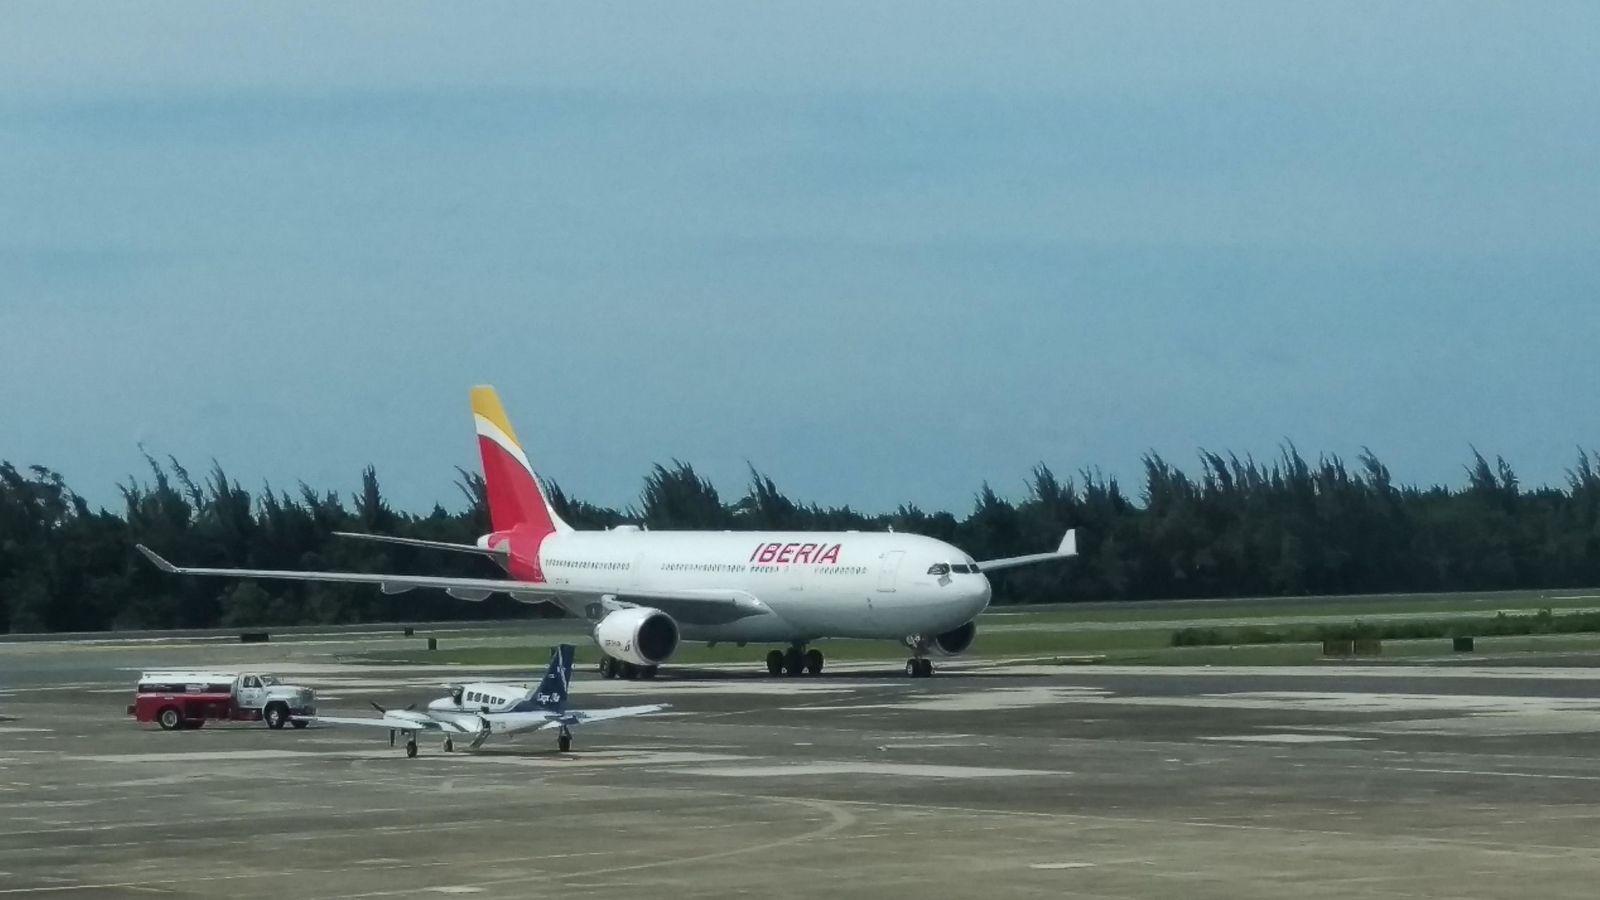 Foto: Avión de la aerolínea Iberia.